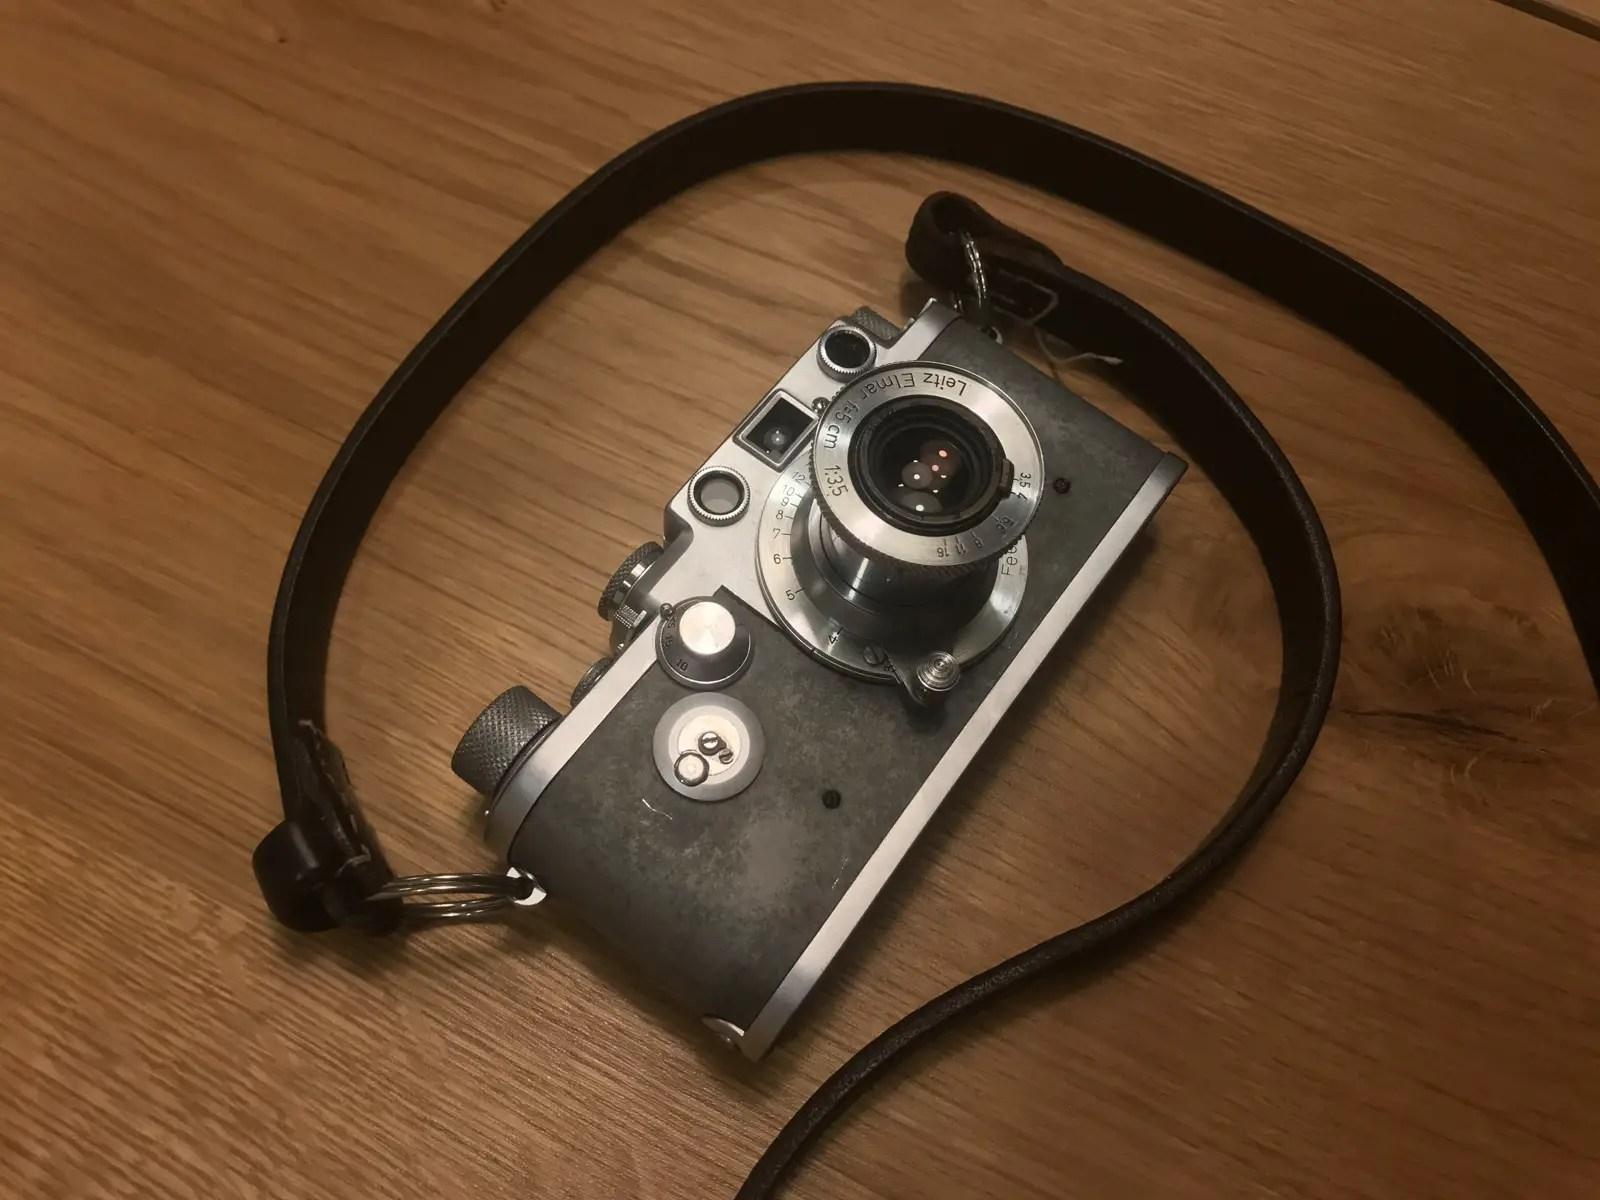 My Leica IIIf and Elmar 5cm f/3.5 lens